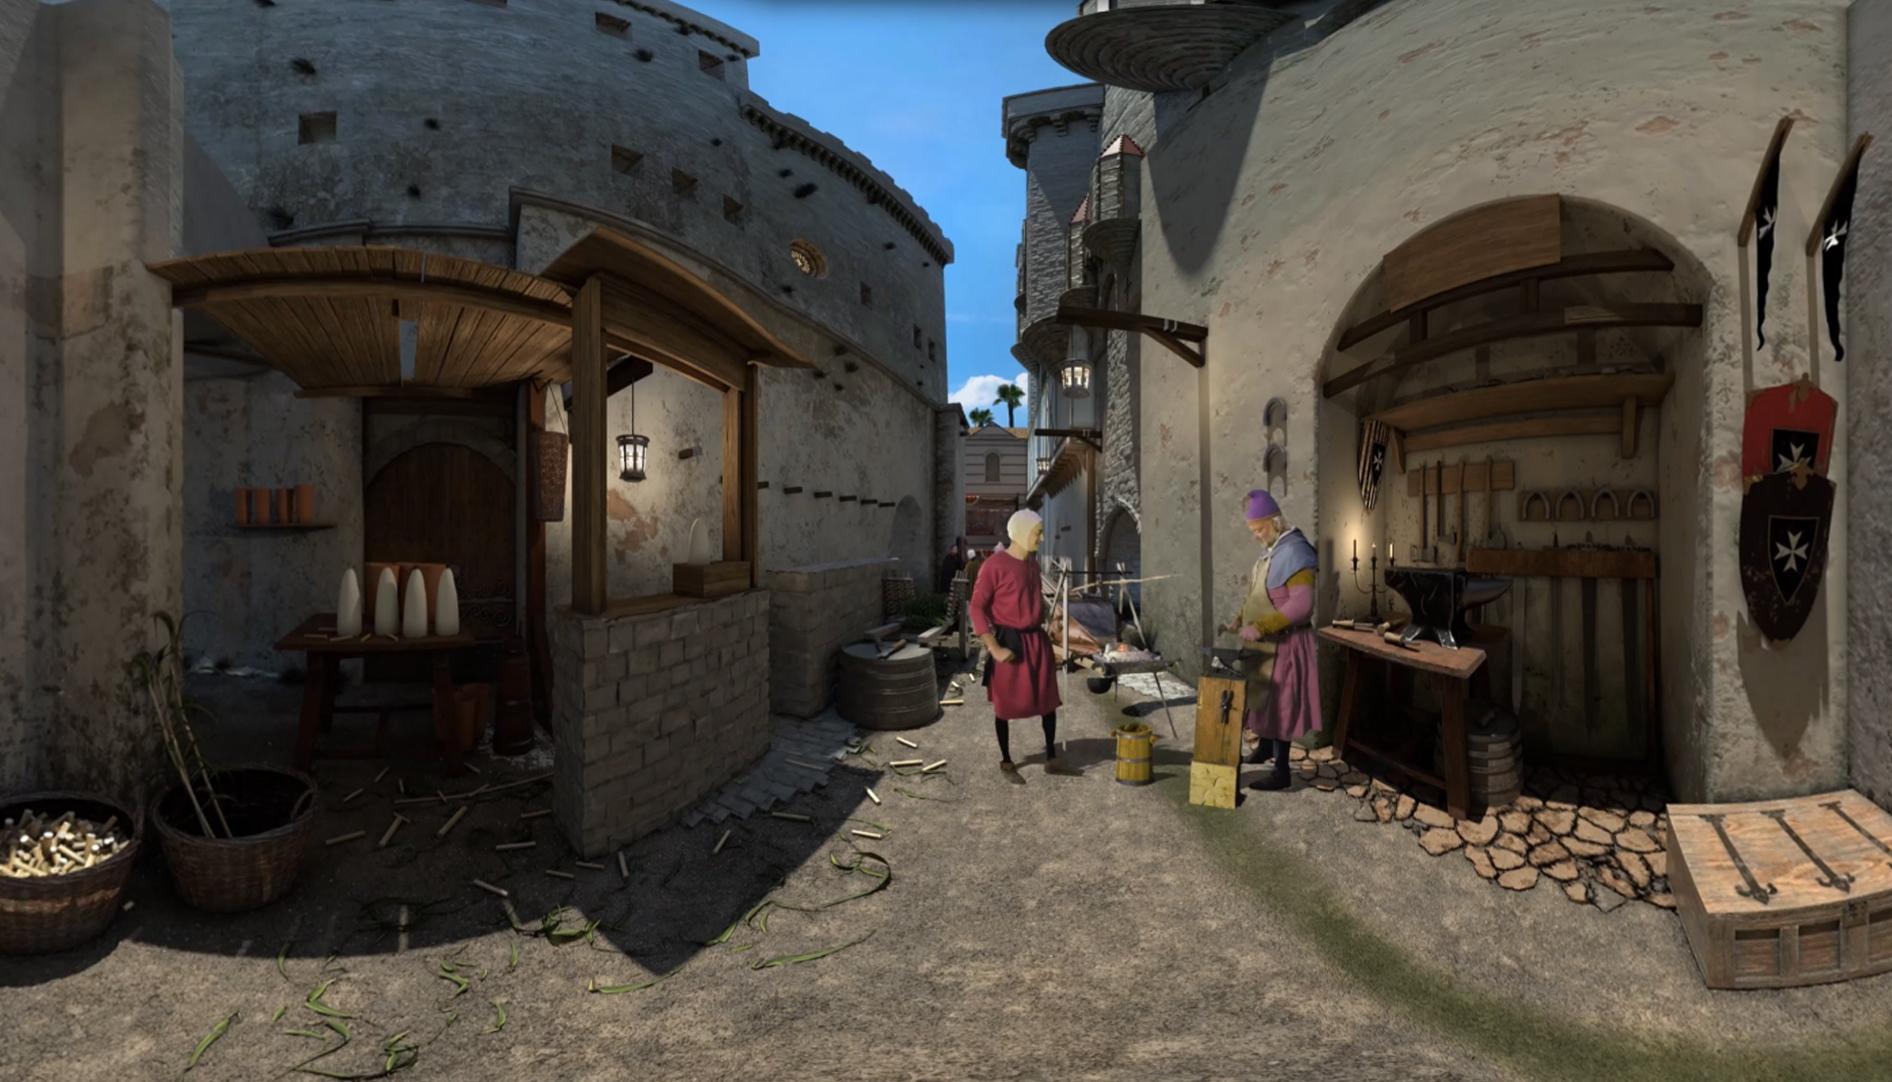 """מסרו ד""""ש אבירי: מפגש עם אבירים מימי הביניים (צילום: אוצרות הגליל)"""